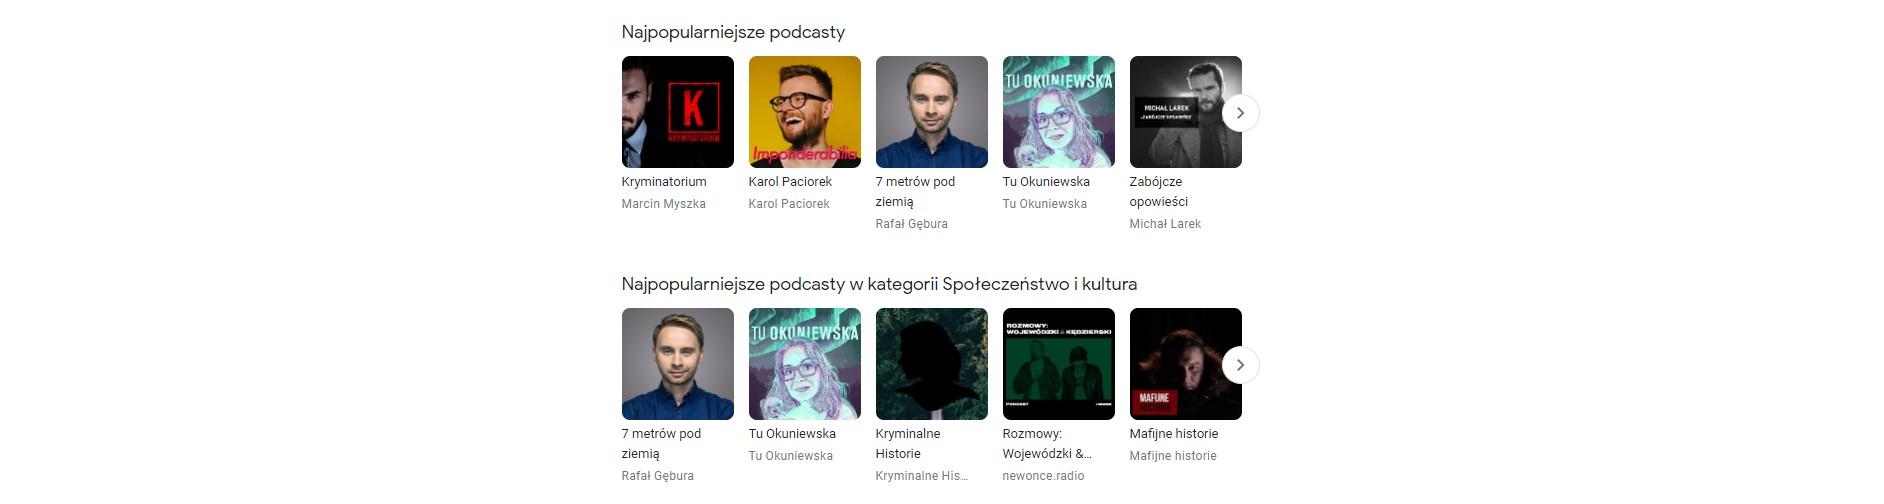 Podcasty Google teraz także w przeglądarce 22